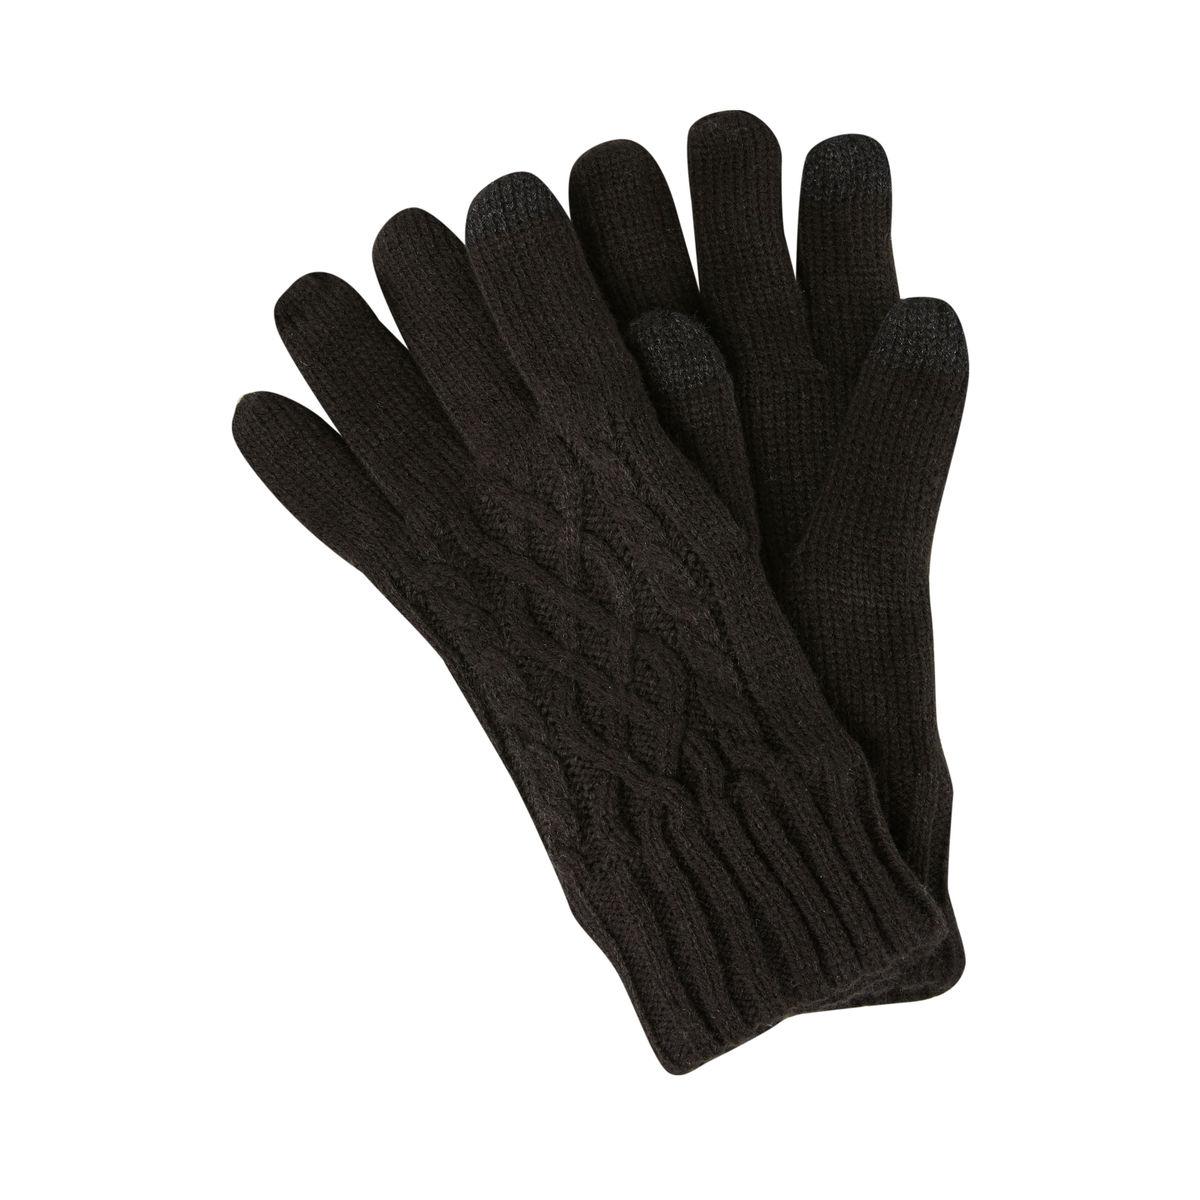 Warme Strickhandschuhe, Zopfmuster günstig online kaufen